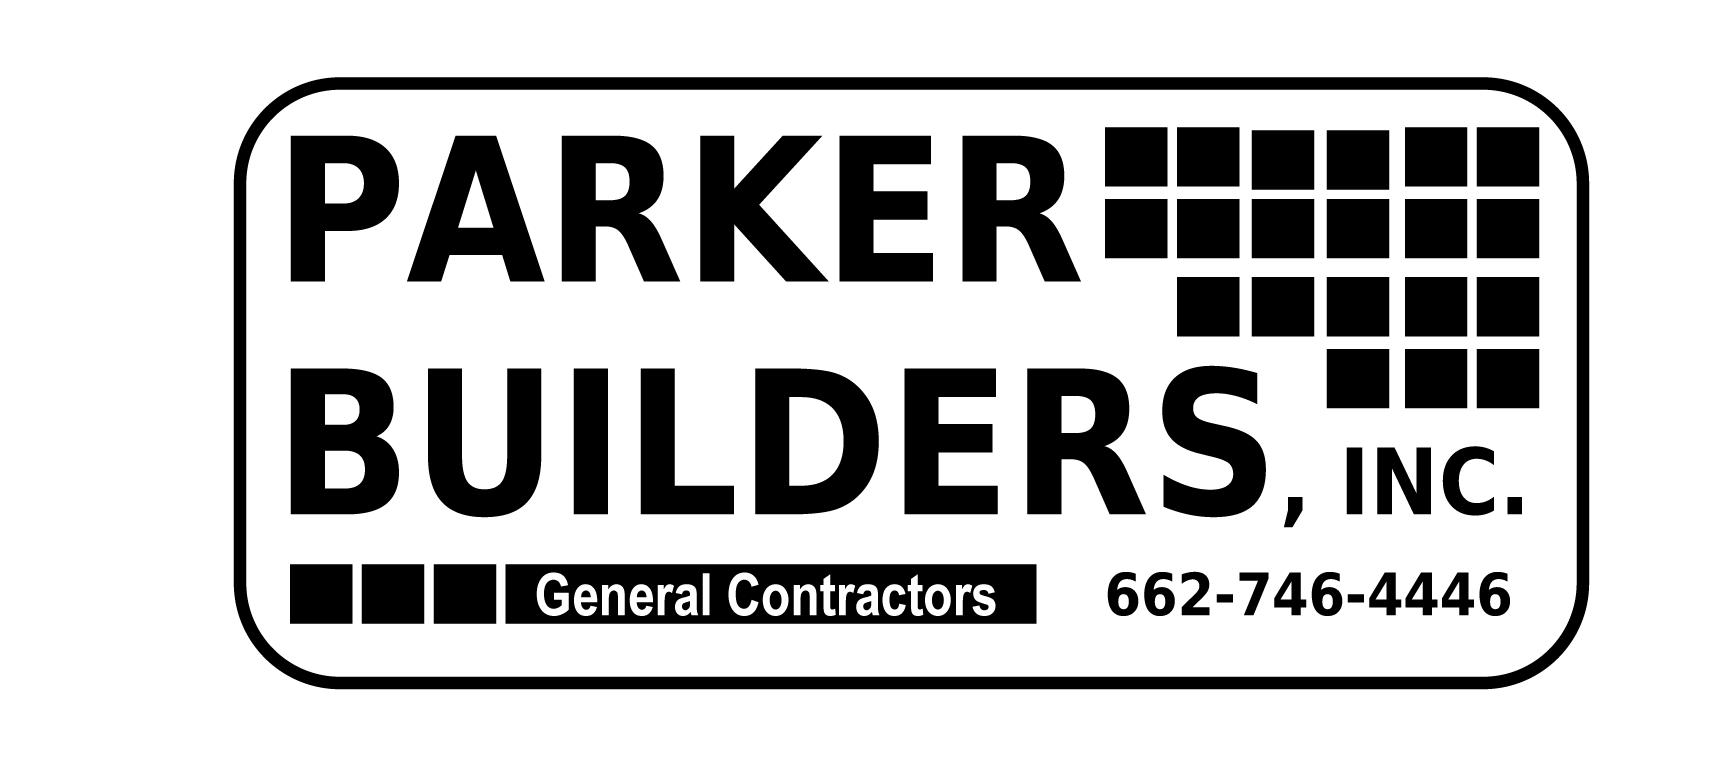 6ec014bc-ee25-406a-af1c-fa4d2e8734baPARKER-BUILDERS-logo